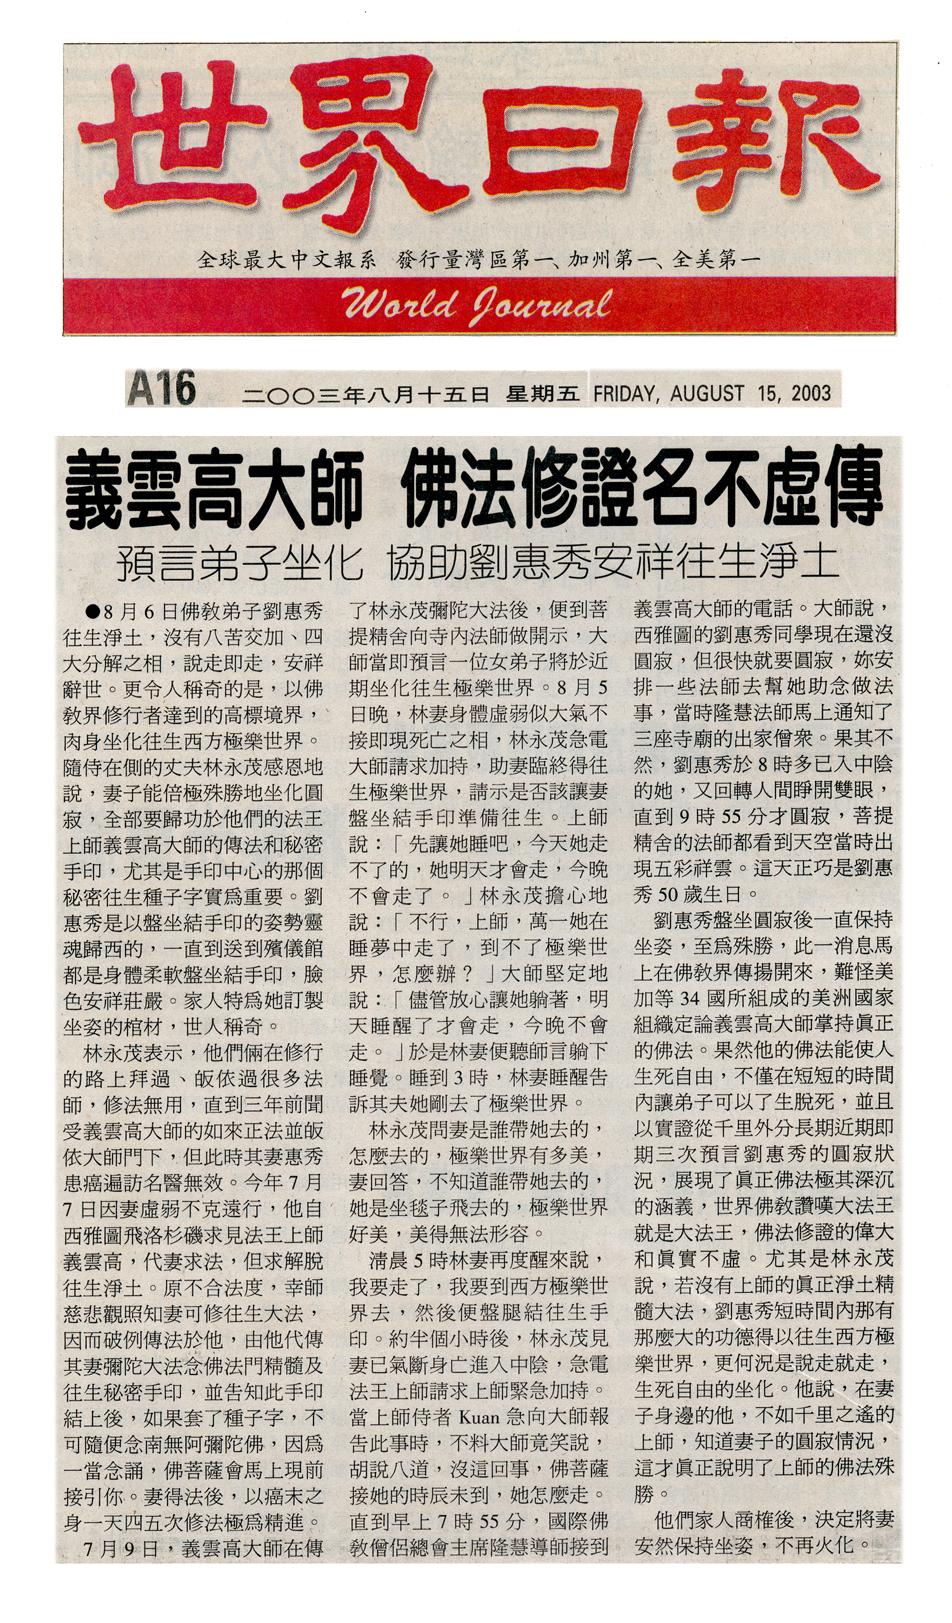 义云高大师传弥陀大法 刘惠秀生死自由肉身坐化 第3张